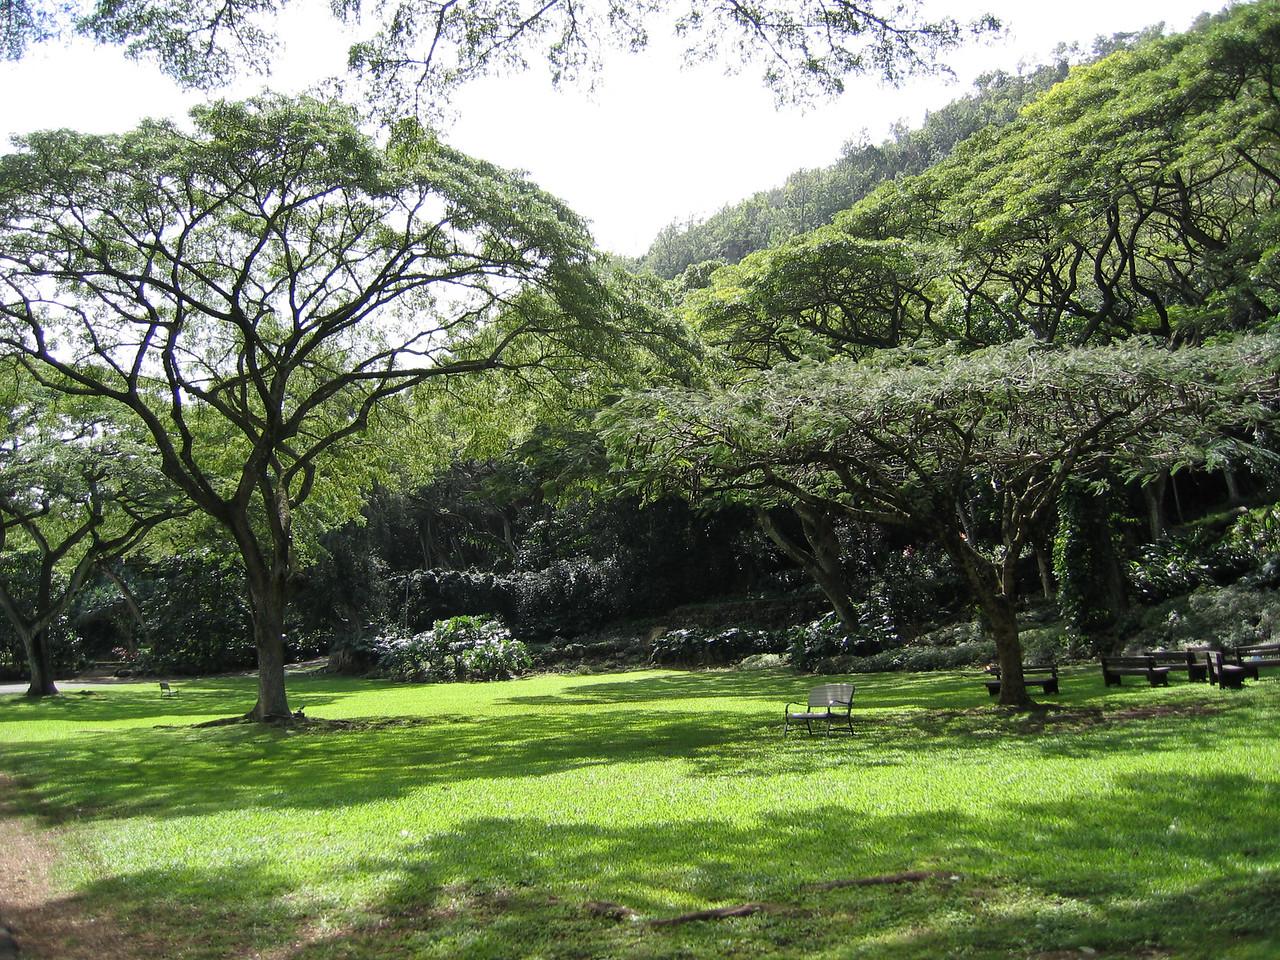 Meadow in Waimea Valley